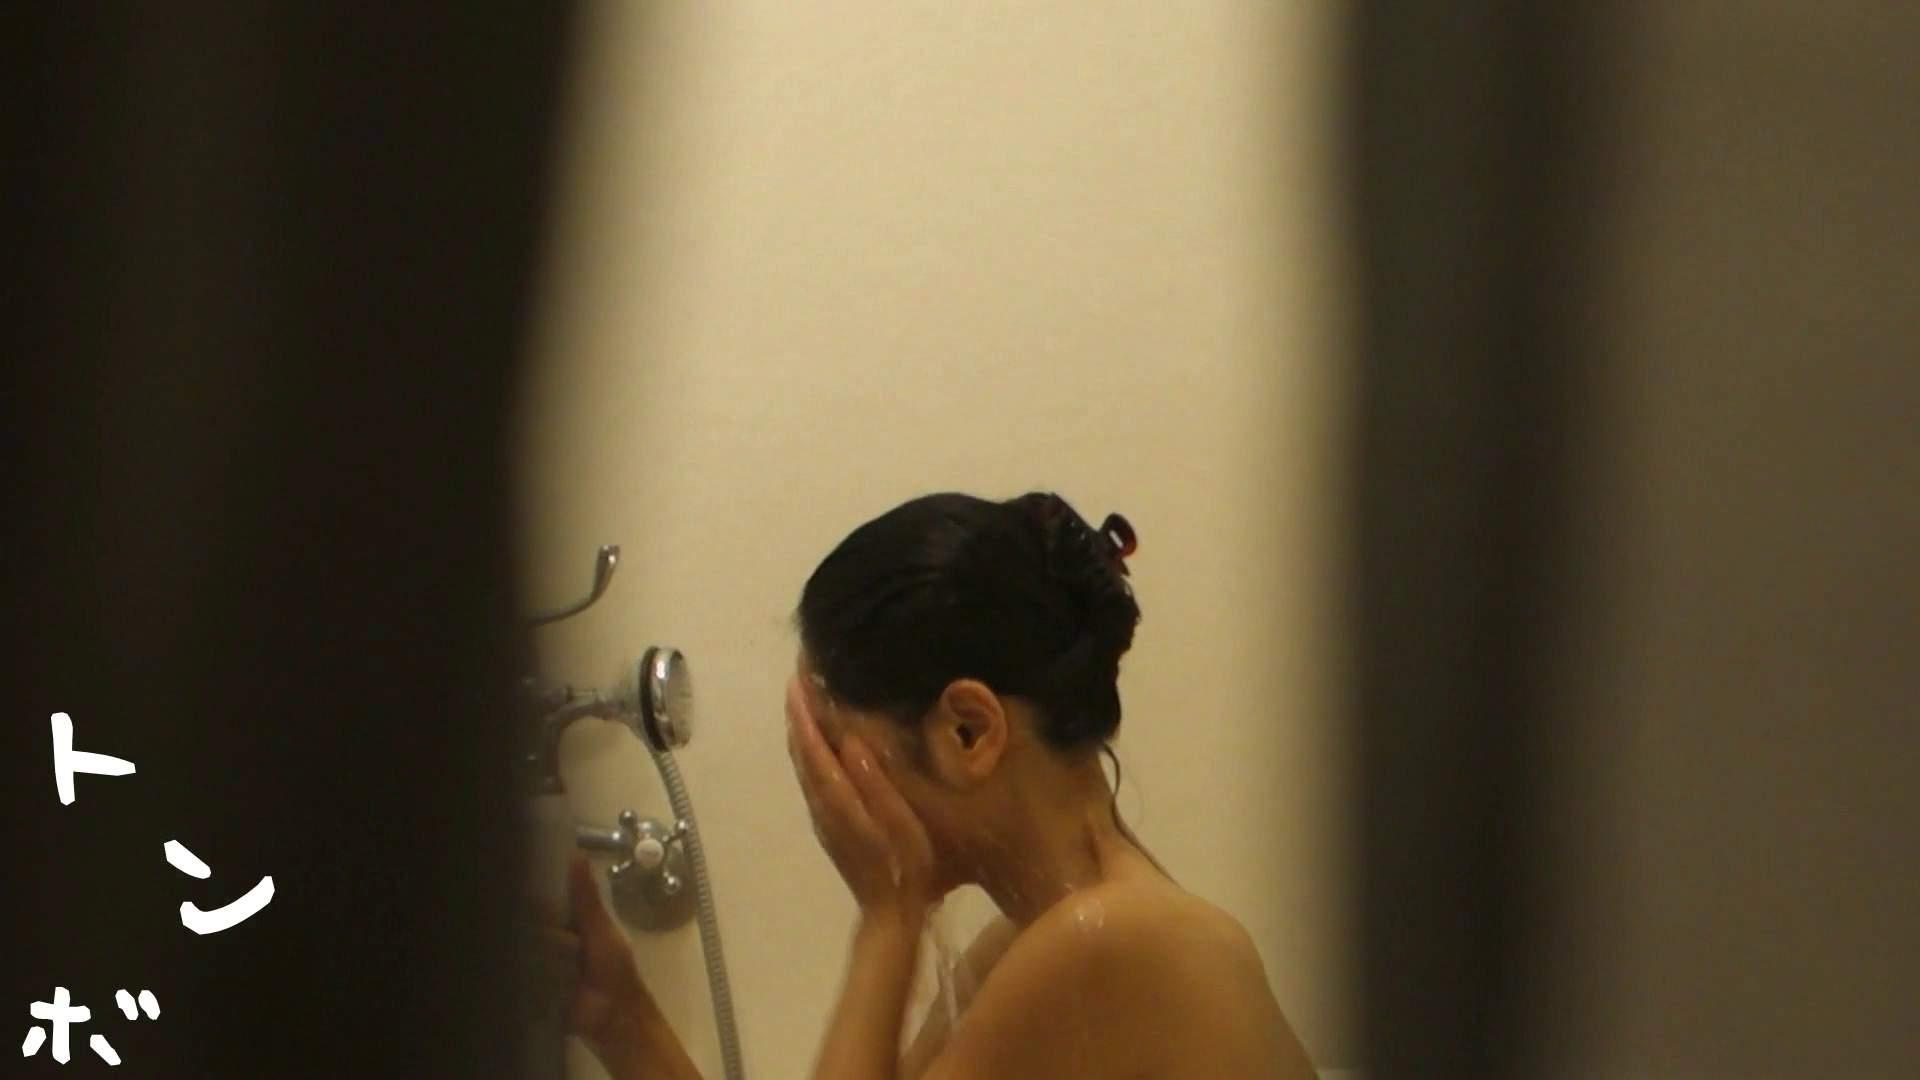 リアル盗撮 現役モデルのシャワーシーン2 潜入 盗撮おまんこ無修正動画無料 90pic 63